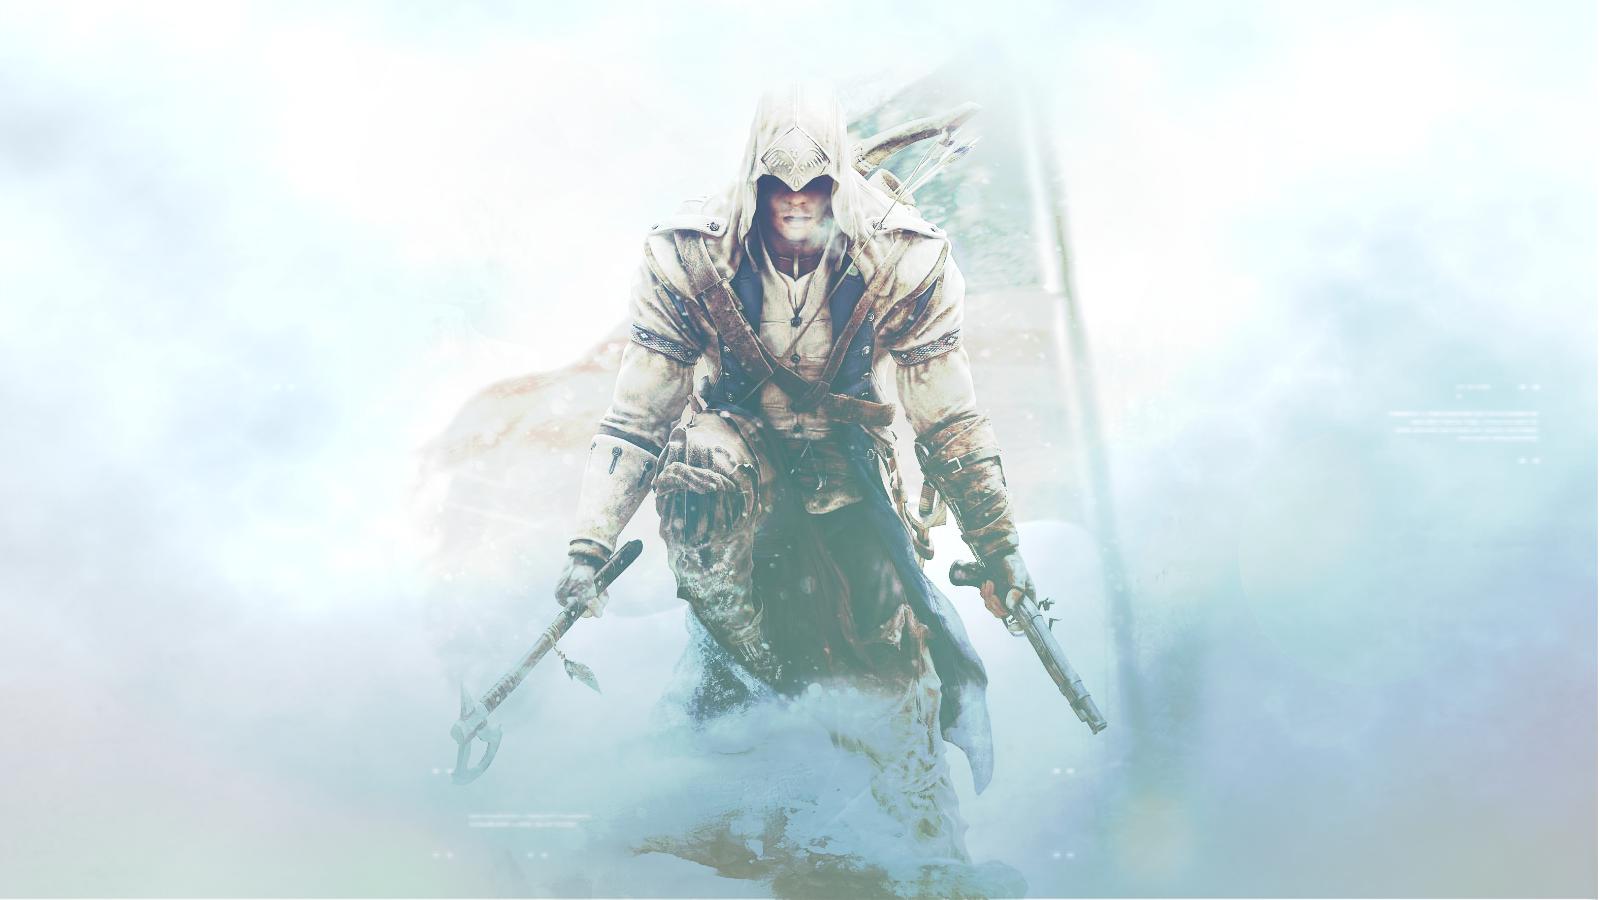 Assassins Creed III Wallpaper By LightExorcist